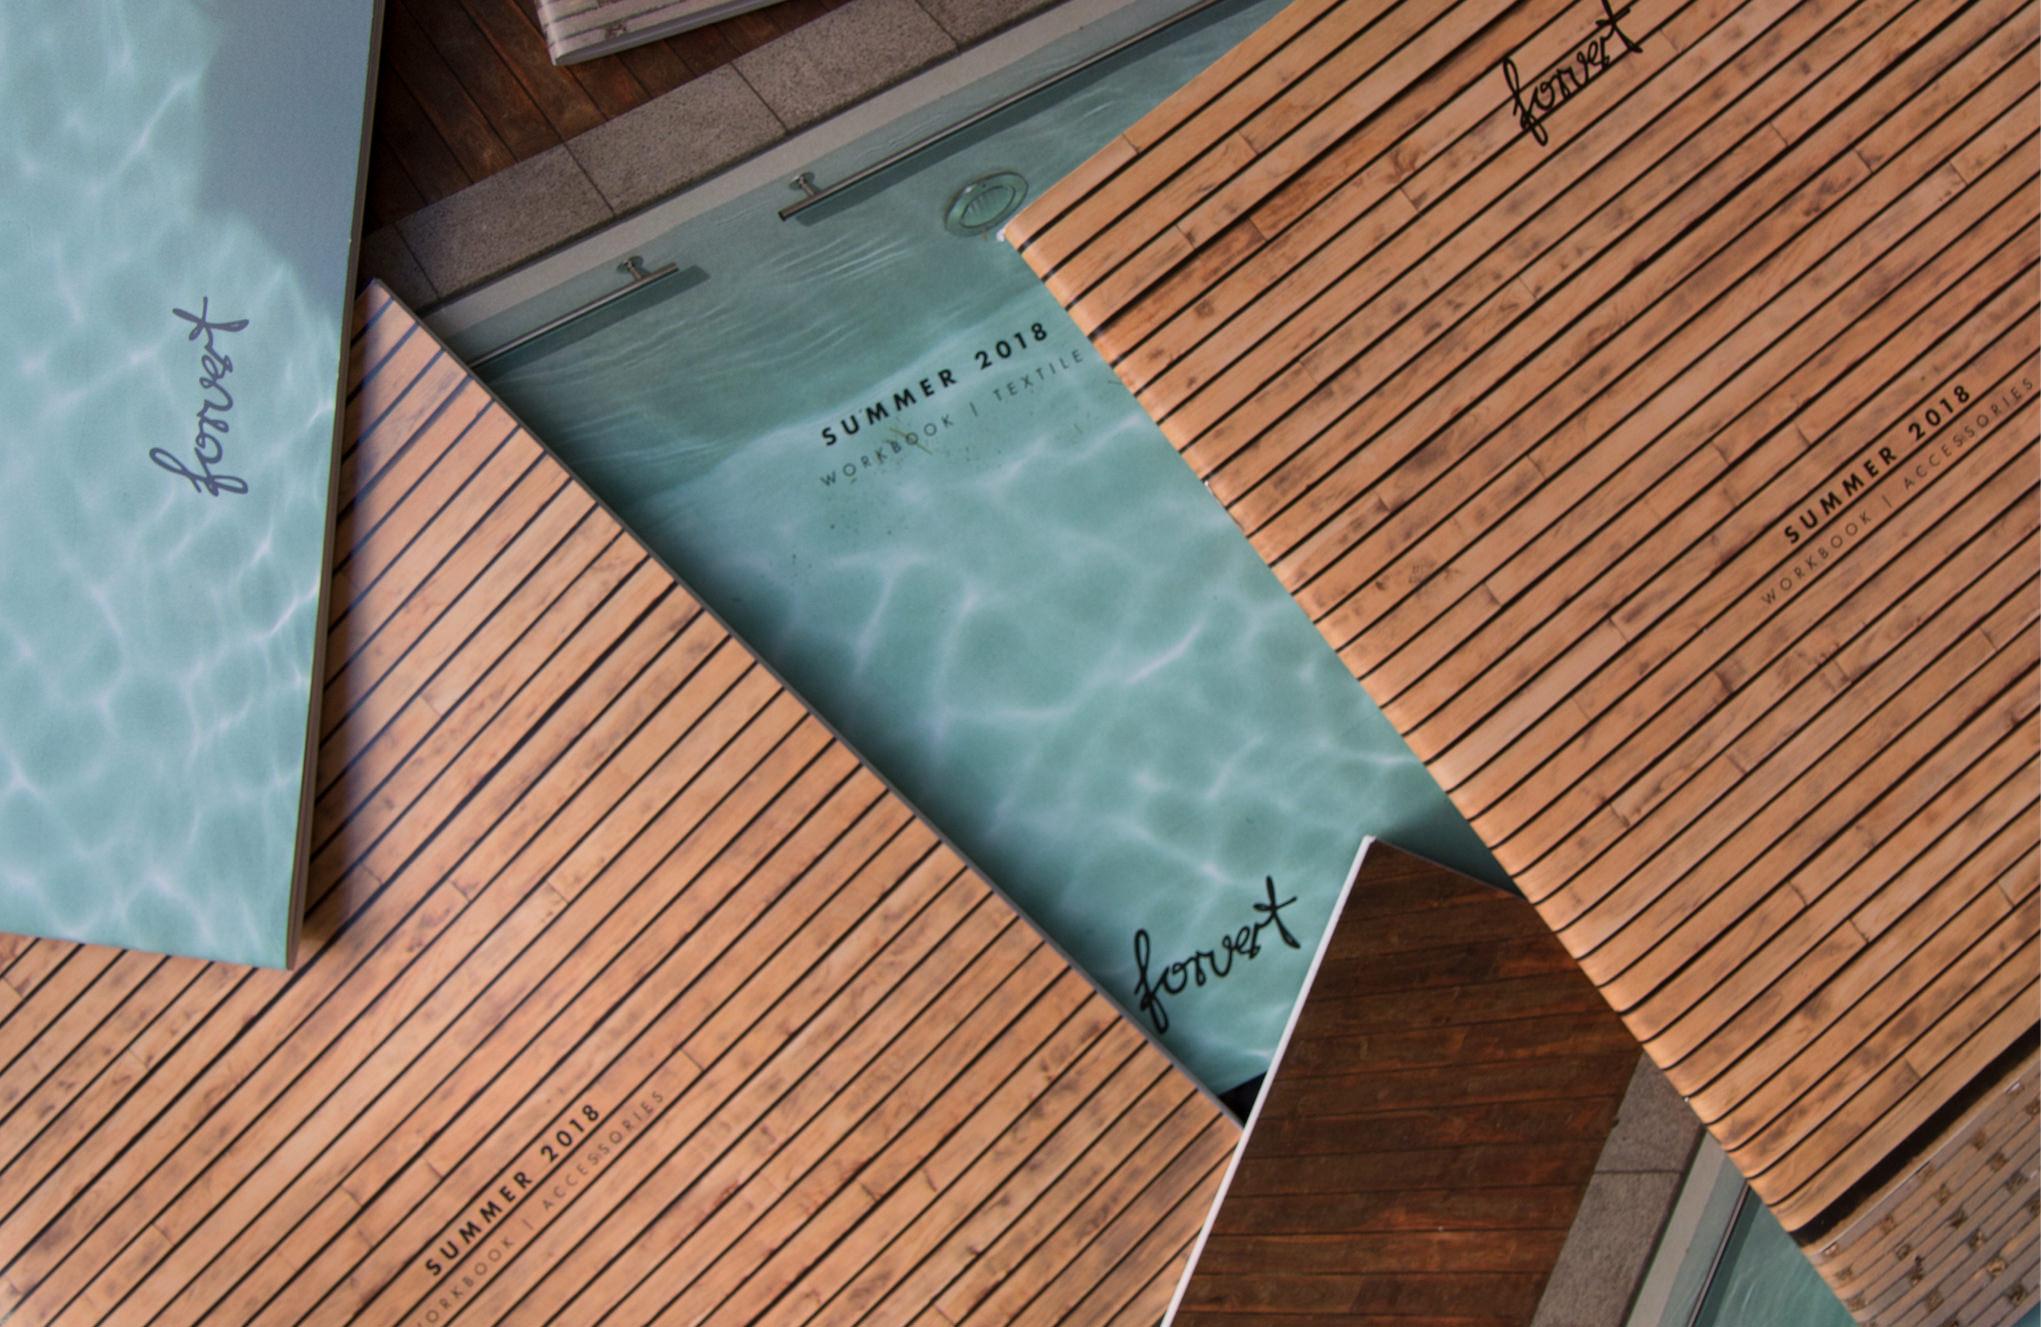 Magazin Design für forvert, das Streetwear Label aus Köln, Gestaltung von den sons of ipanema aus Köln